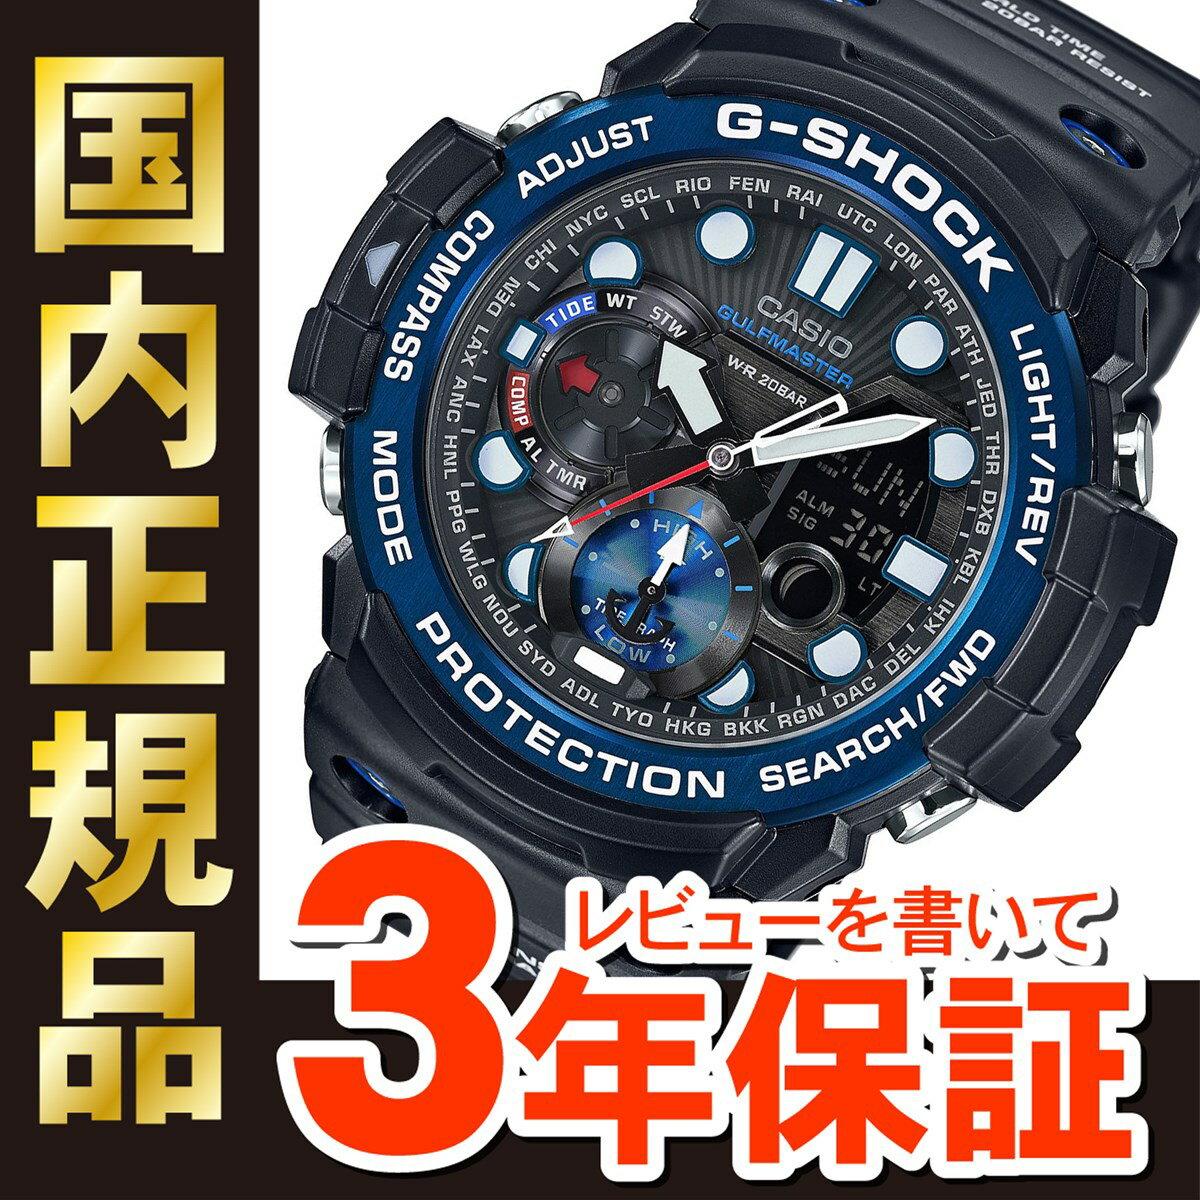 カシオ Gショック ガルフマスター CASIO G-SHOCK GULFMASTER 腕時計 メンズ ブラック アナデジ GN-1000B-1AJF【正規品】_6spl【店頭受取対応商品】